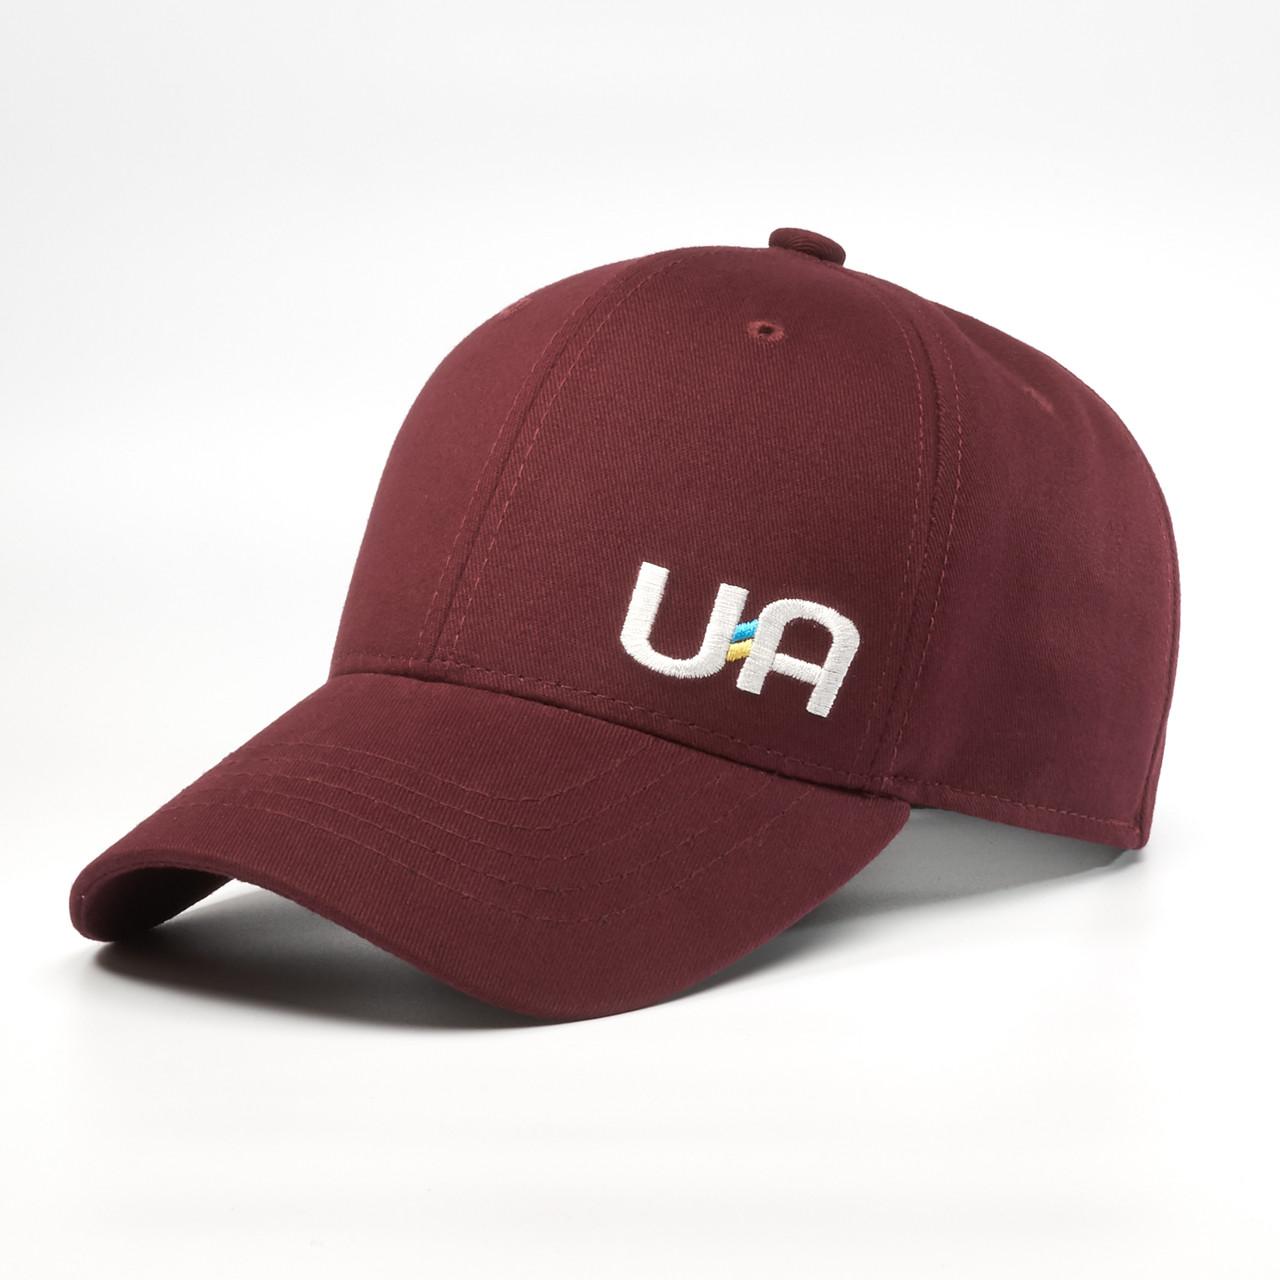 Детская кепка бейсболка INAL с cимволикой Украины XS / 51-52 RU Бордовый 249451